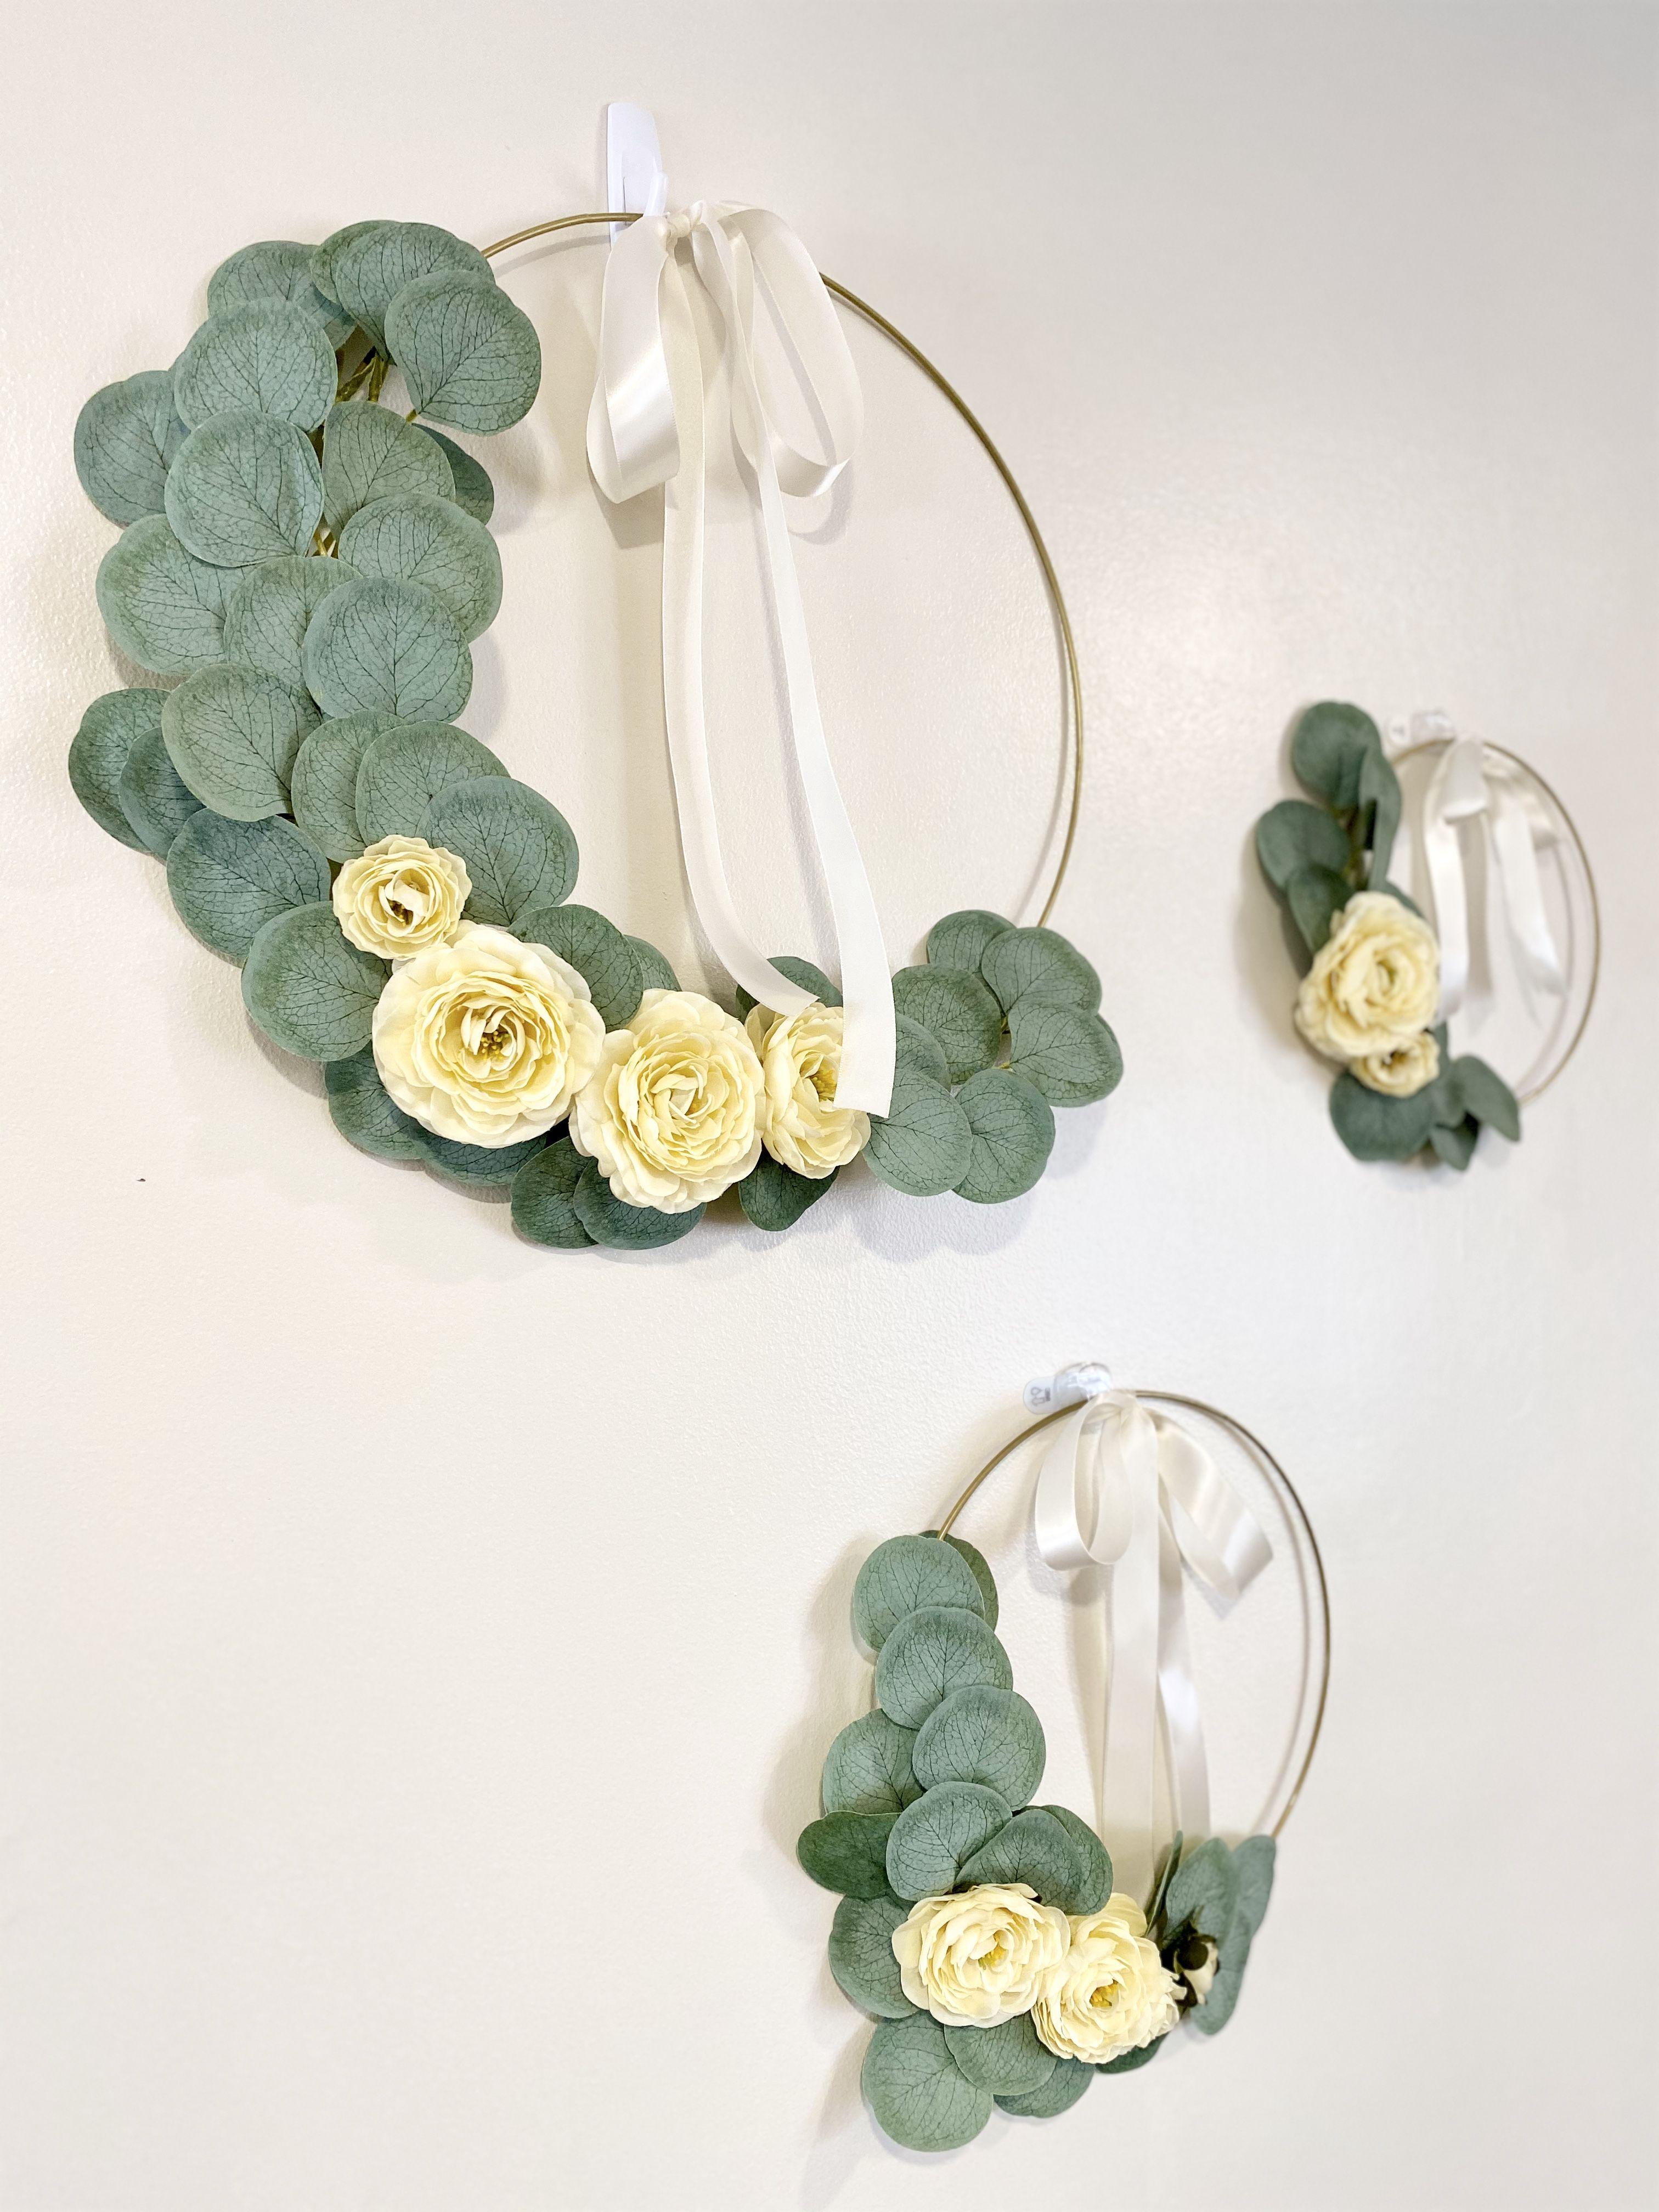 Photo of Wedding Hoop Wreath, Eucalyptus Hoop Wreath for Front Door, Children's Wreath Decor,